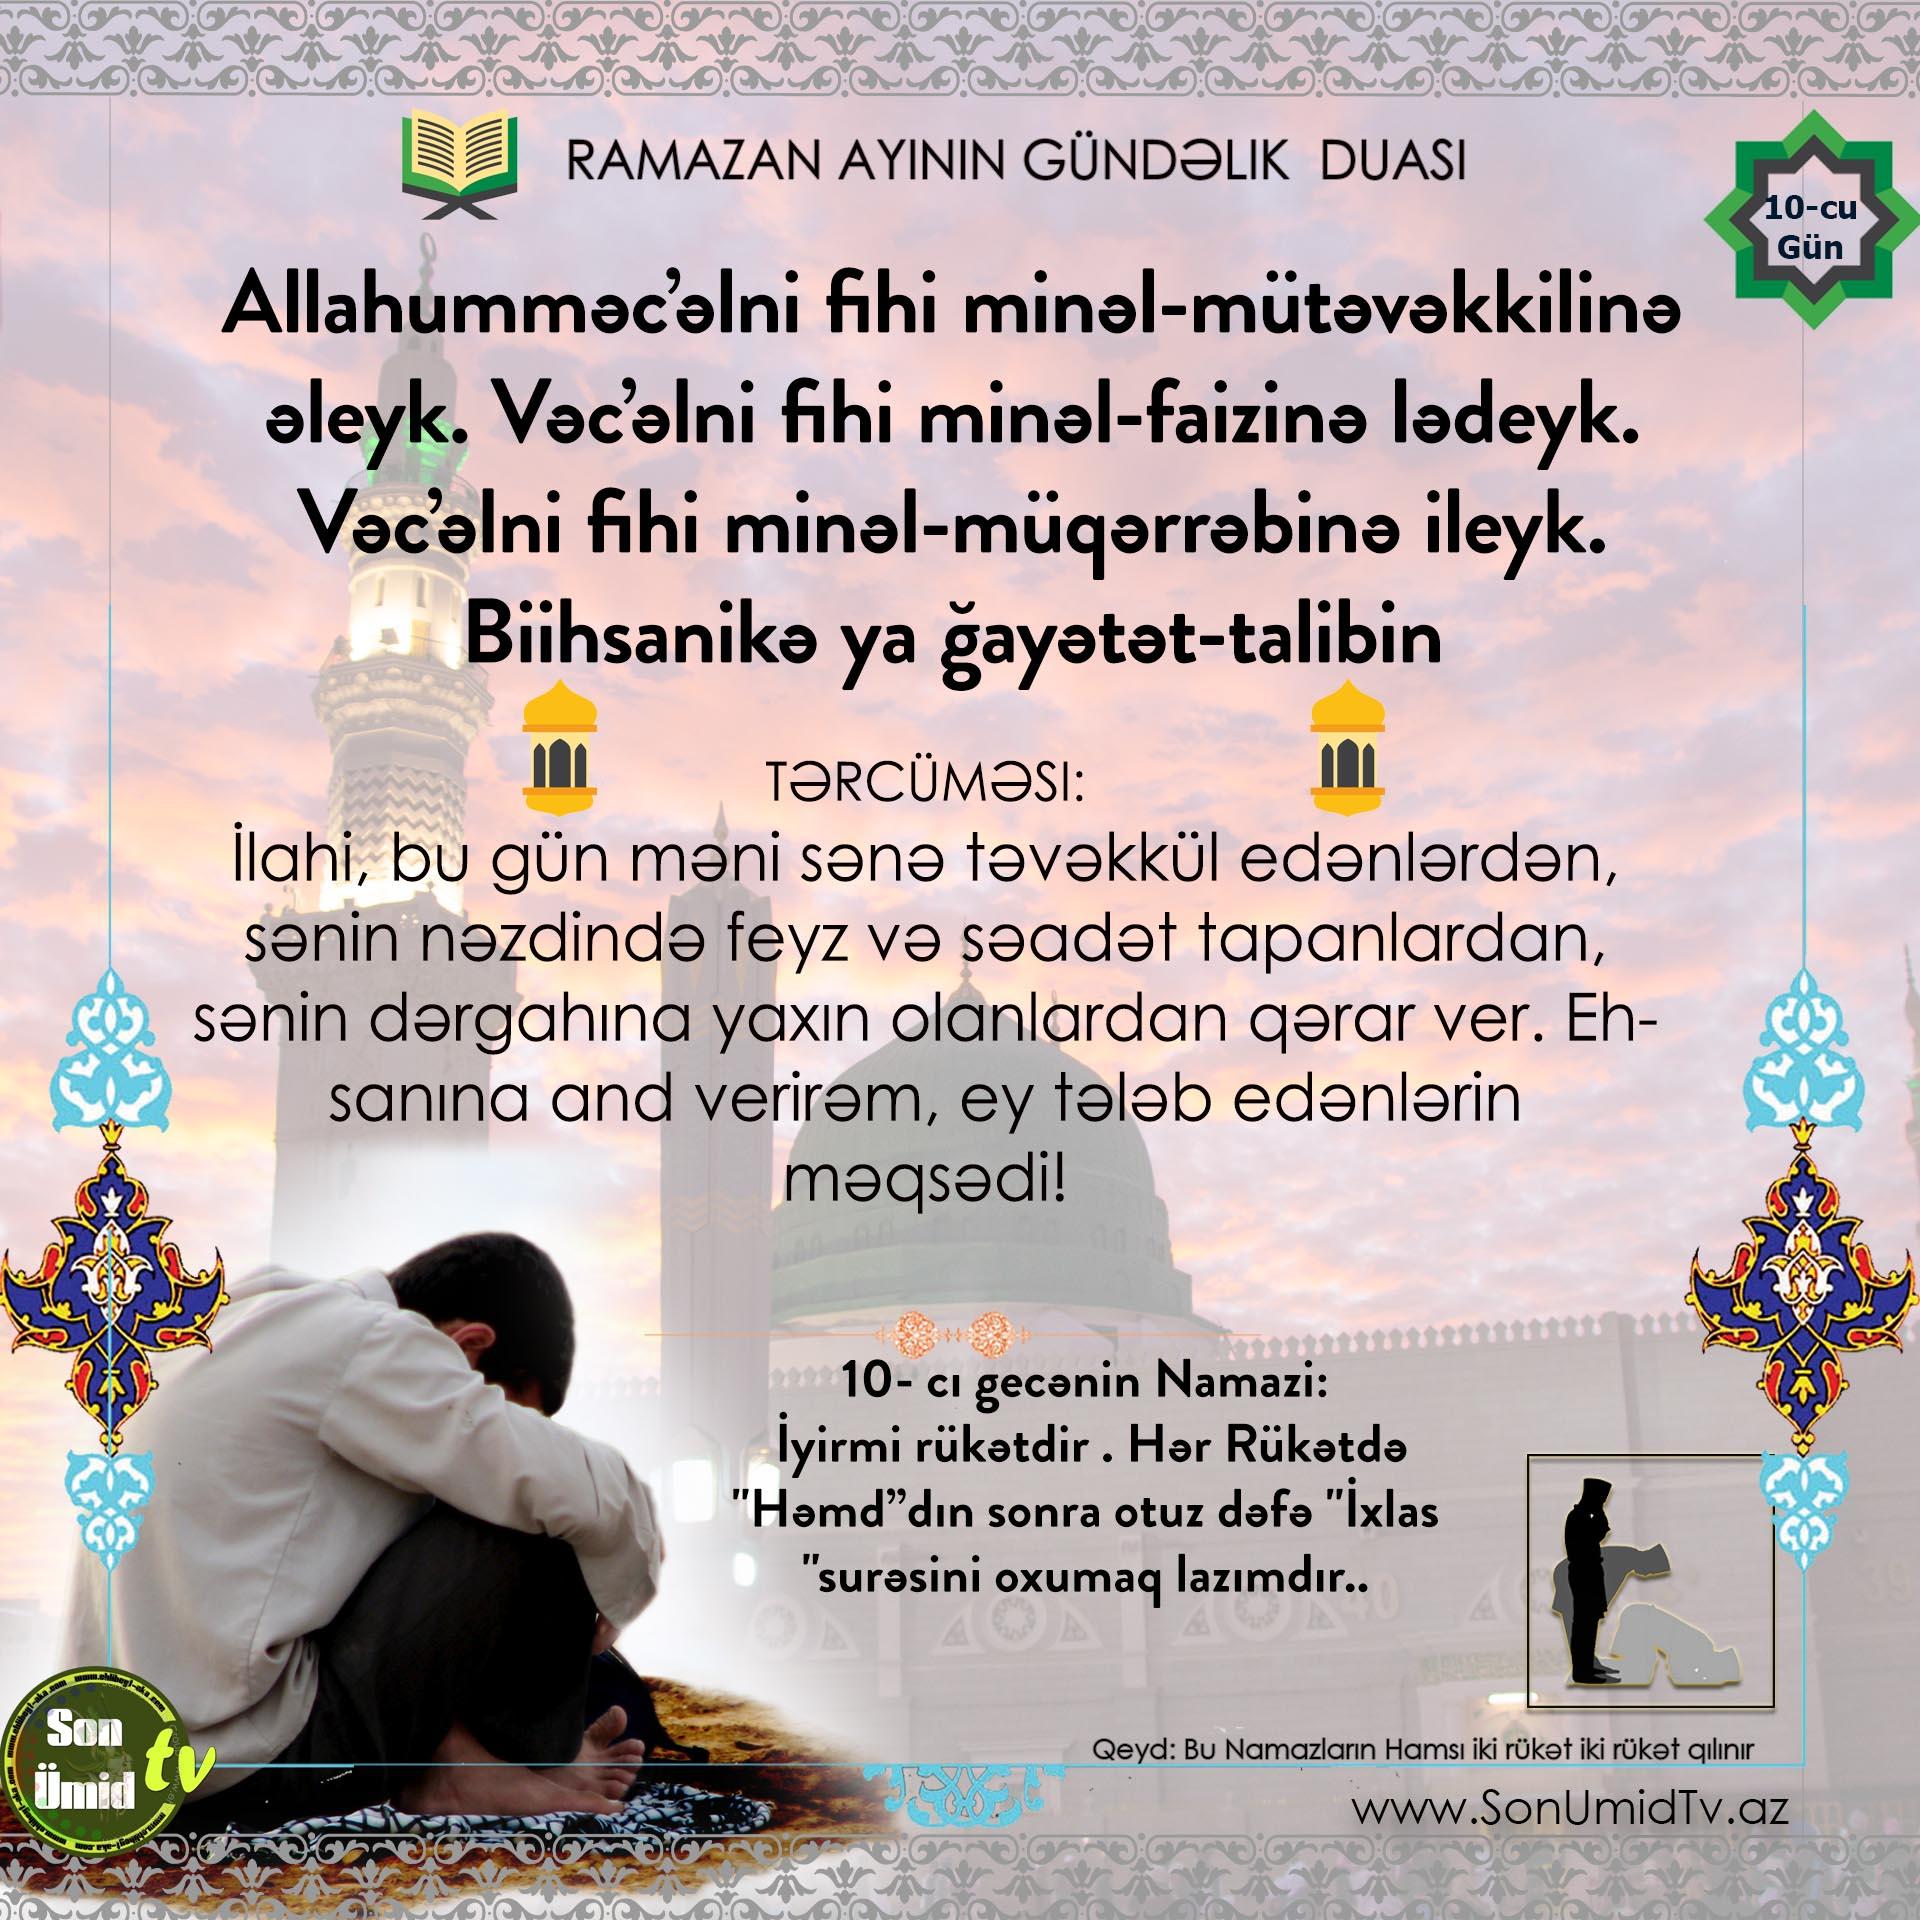 Ramazan  10-cu gününün duası və Namazı